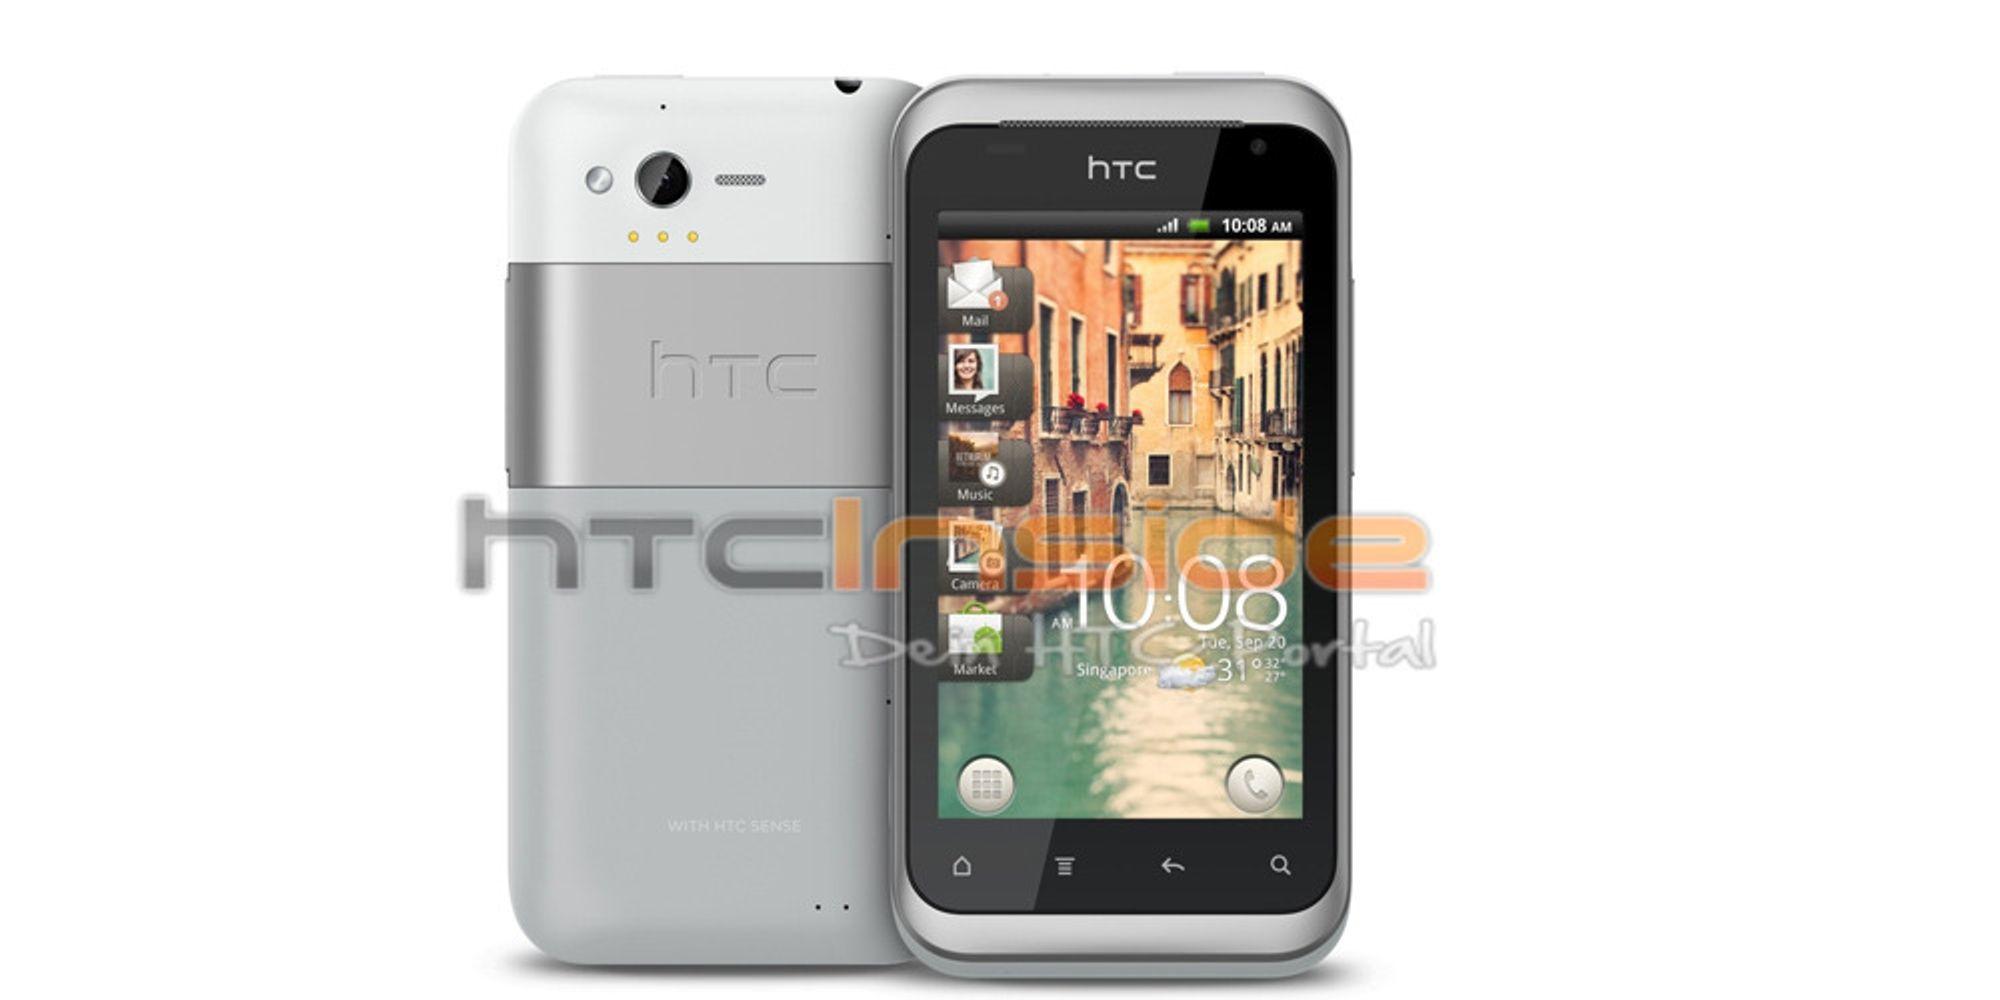 PR-bilder av HTC Bliss lekket